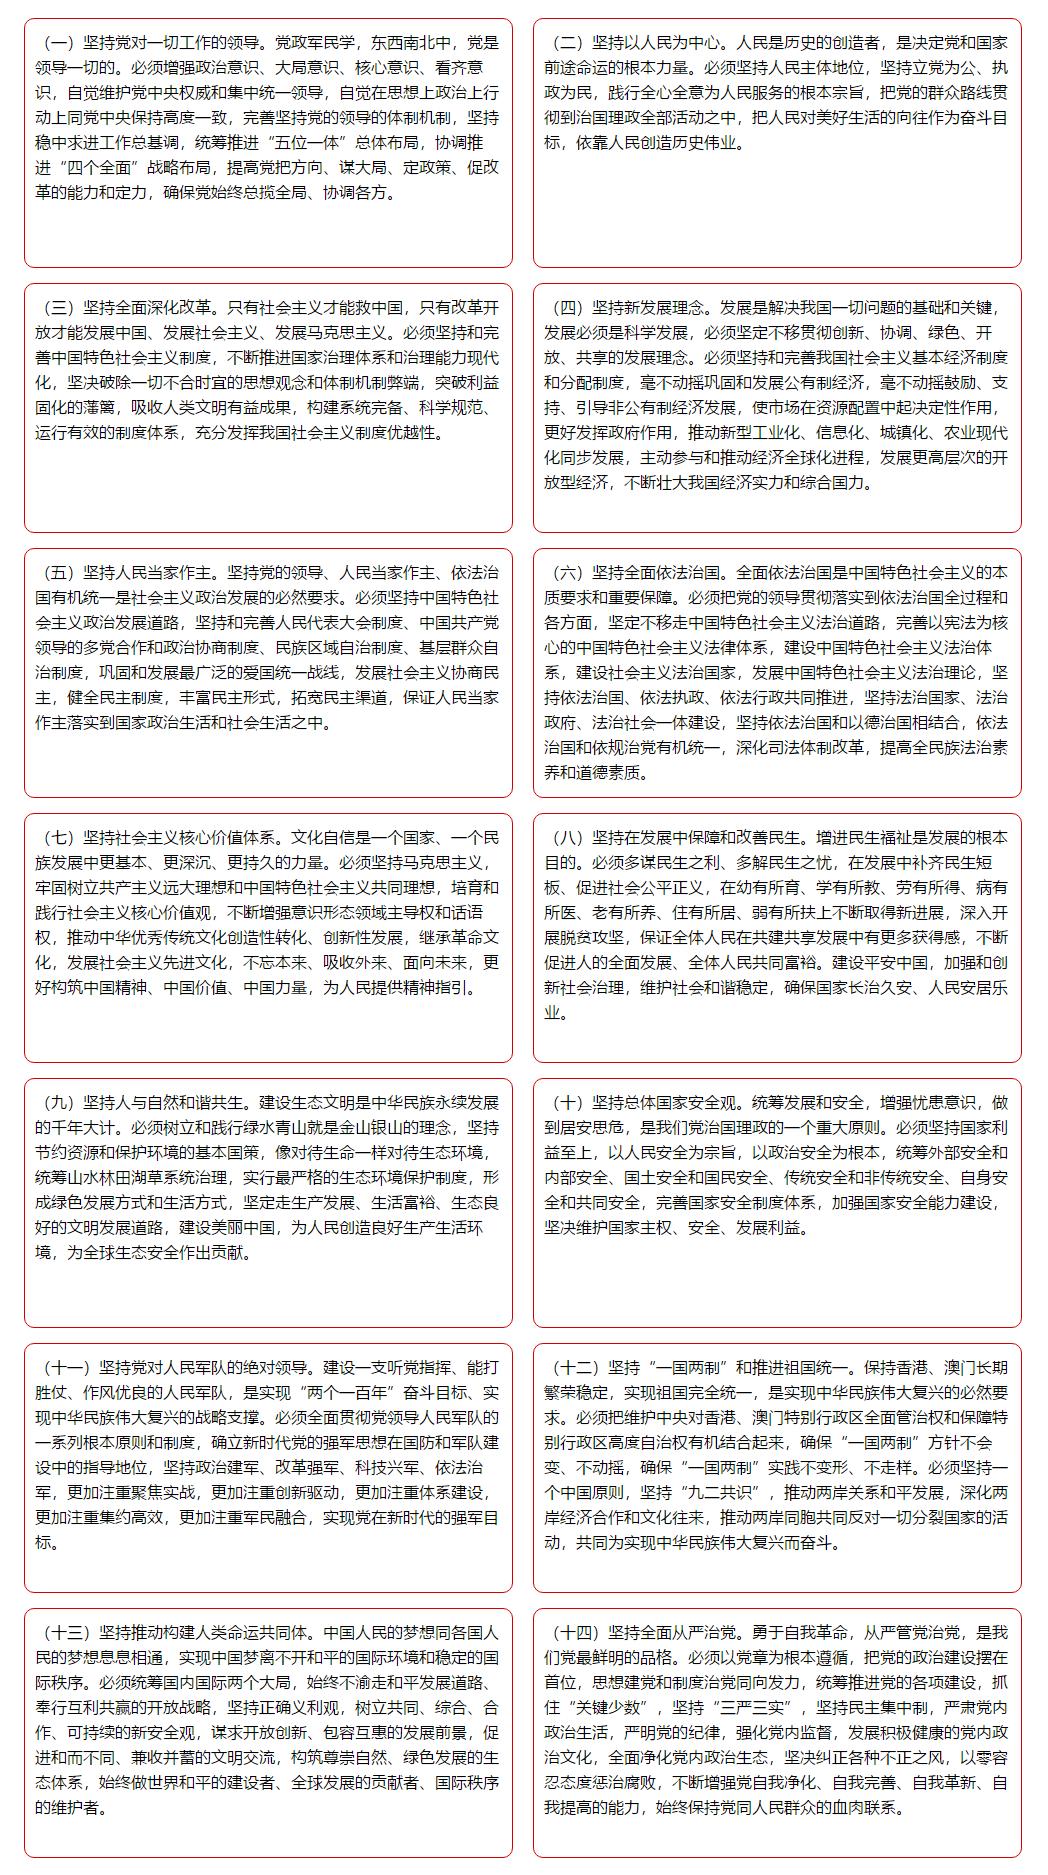 20190603习近平新时代——十四个坚持.png